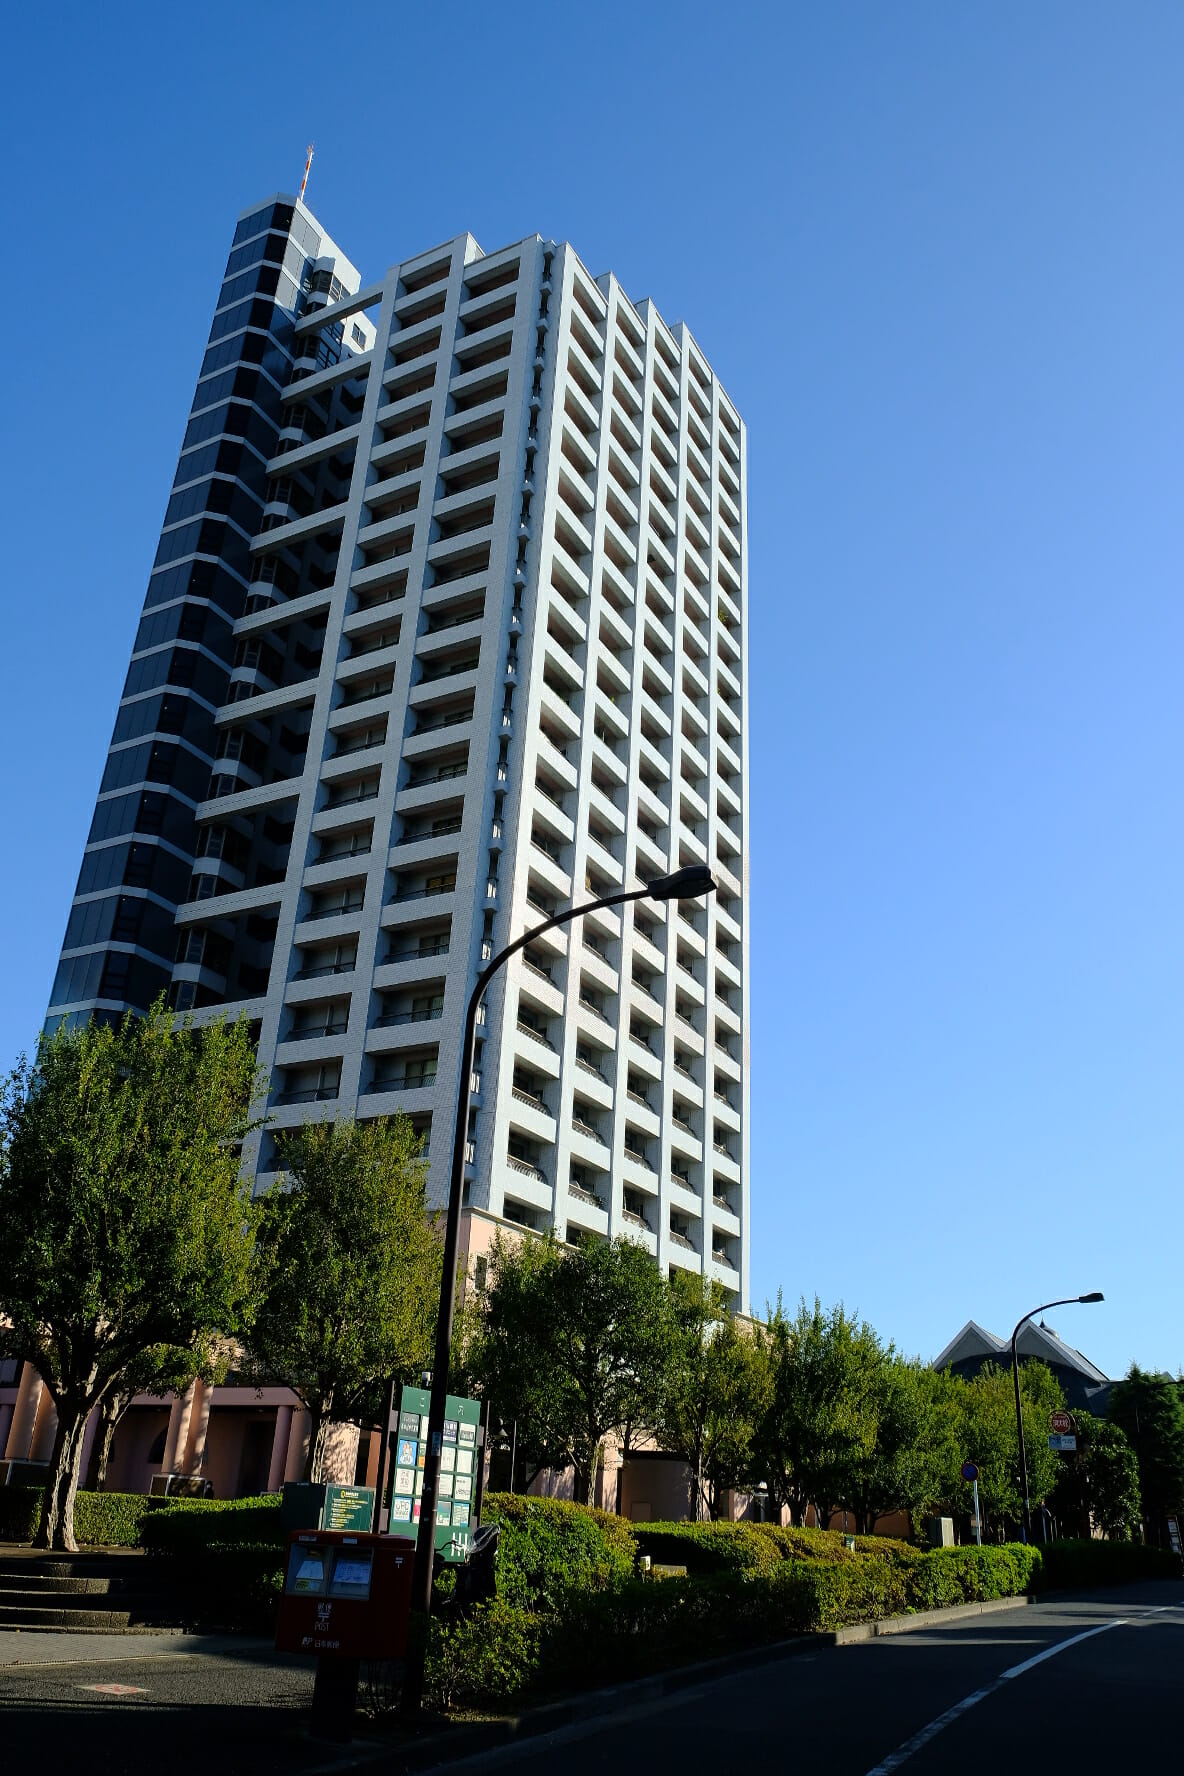 3棟あるタワーのうち、一番南のもの。右下に「東京グローブ座」の2つの三角屋根が見える。